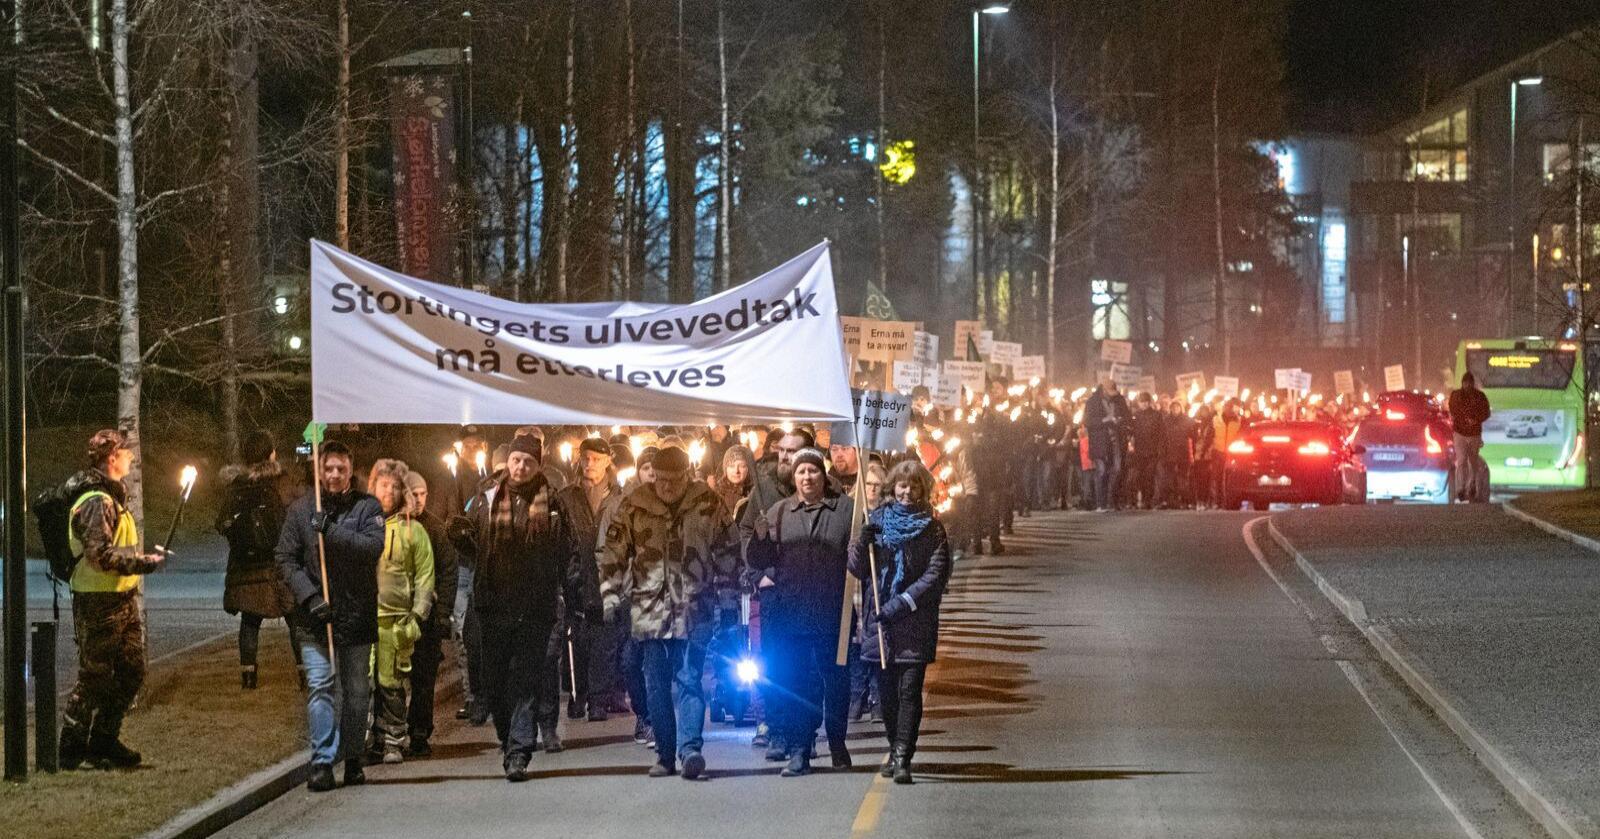 Rundt 1500 mennesker demonstrerte mot regjeringas rovdyrpolitkkk på Bjørkelangen i Aurskog-Høland onsdag kveld. Foto: Vidar Sandnes